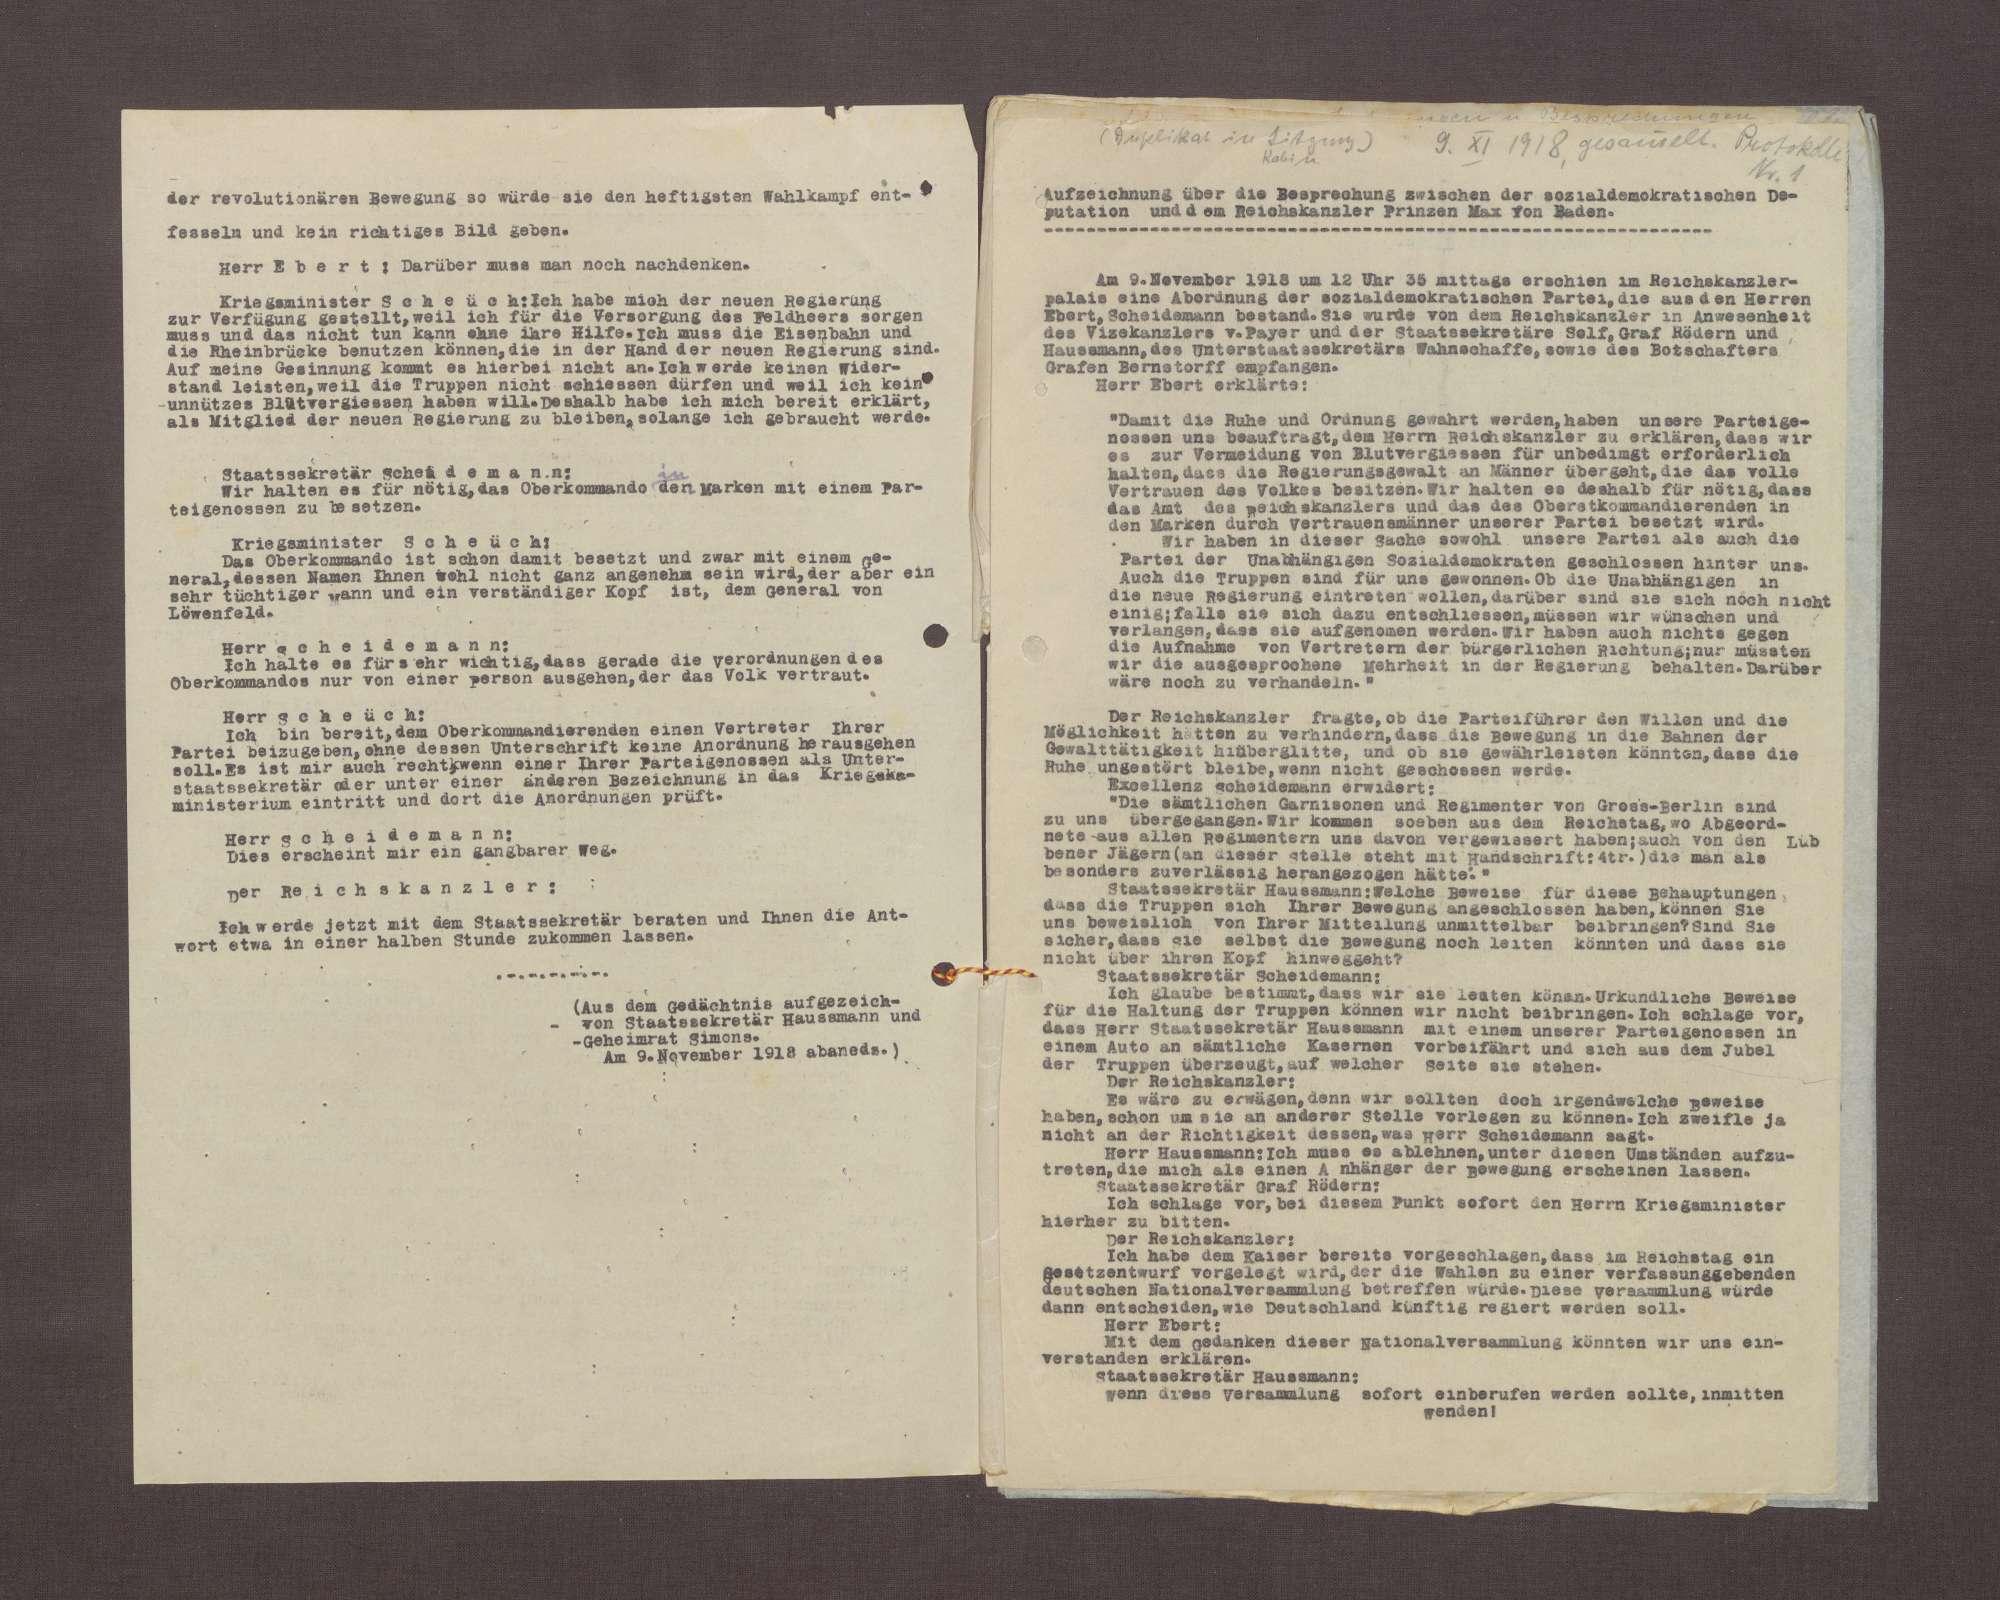 Aufzeichnung über die Besprechung zwischen der sozialdemokratischen Deputation und dem Reichskanzler Prinz Max von Baden, aus dem Gedächtnis aufgezeichnet von Staatssekretär Haußmann und Geheimrat Simons, Bild 2